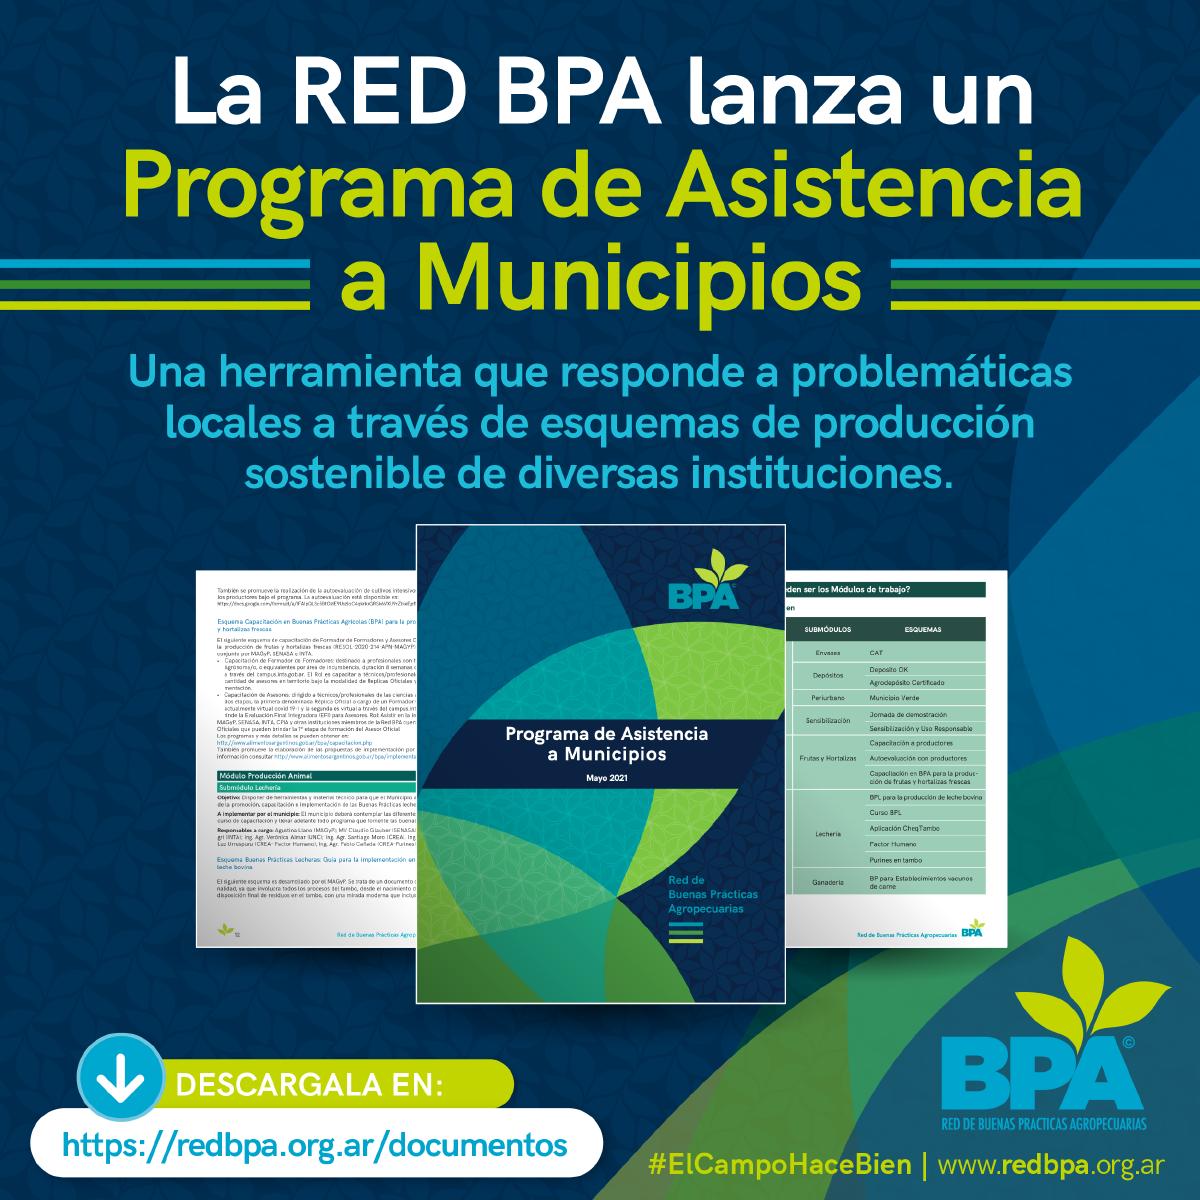 La Red BPA lanza un Programa de Asistencia a Municipios